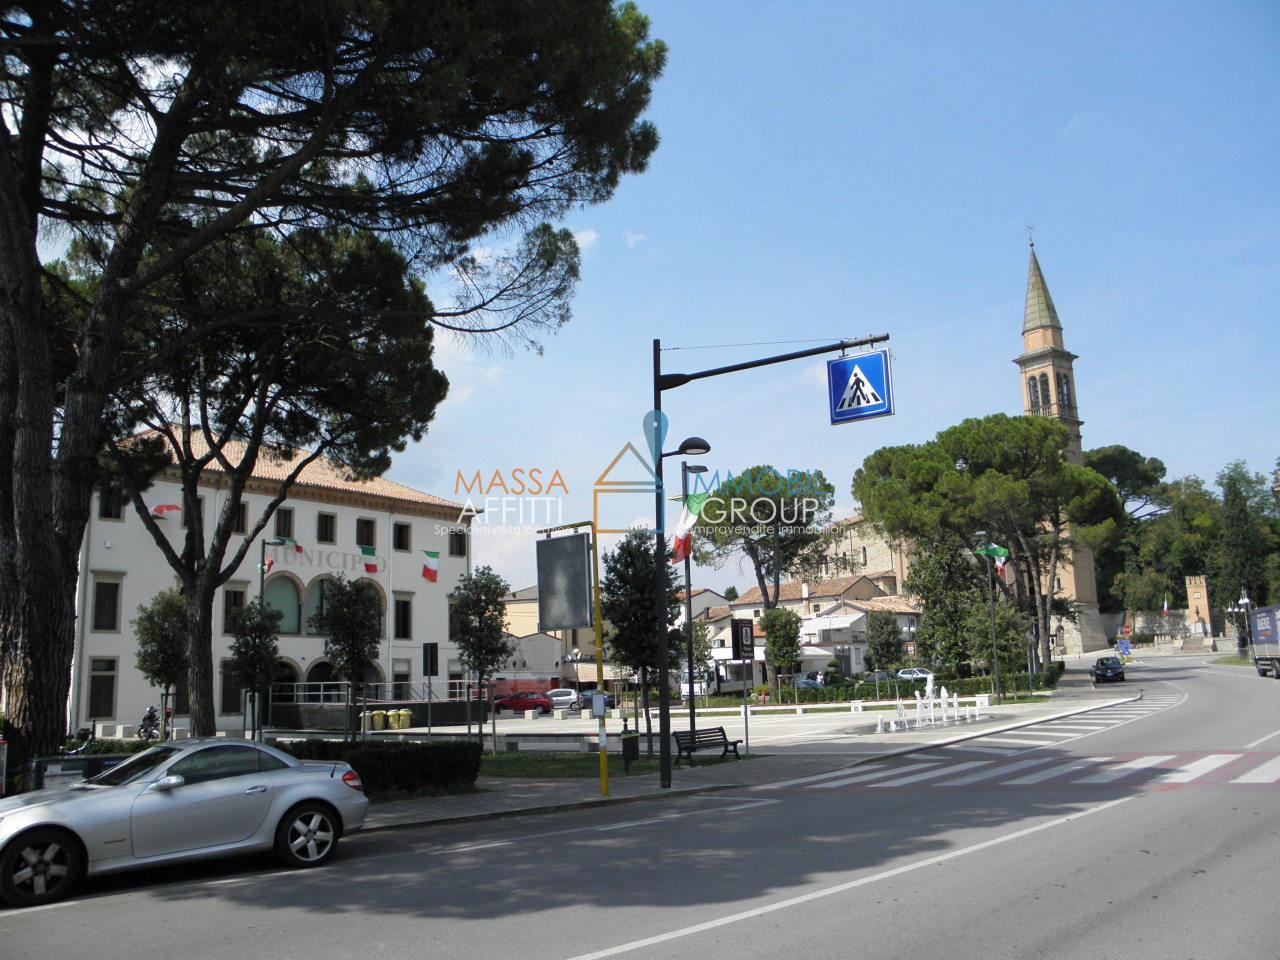 Locale commerciale - 1 Vetrina a Marina Di Carrara, Carrara Rif. 9412822